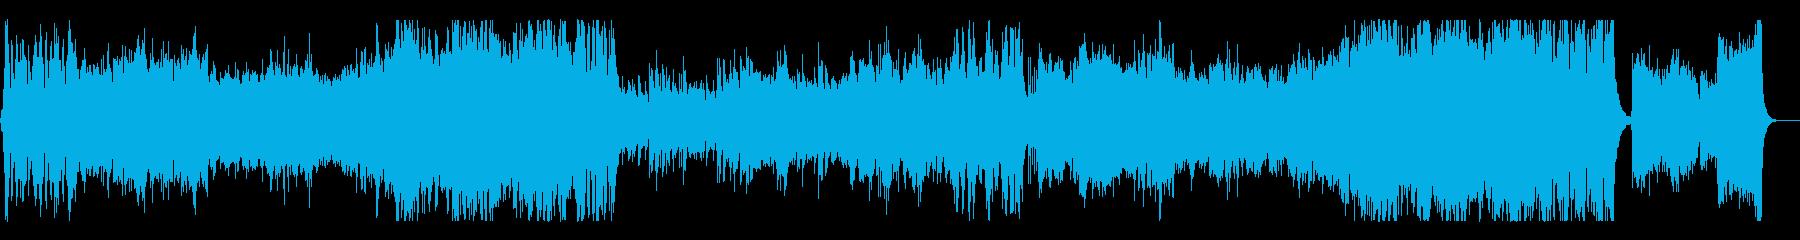 疾走感ある中世ファンタジー系合唱付オケ曲の再生済みの波形